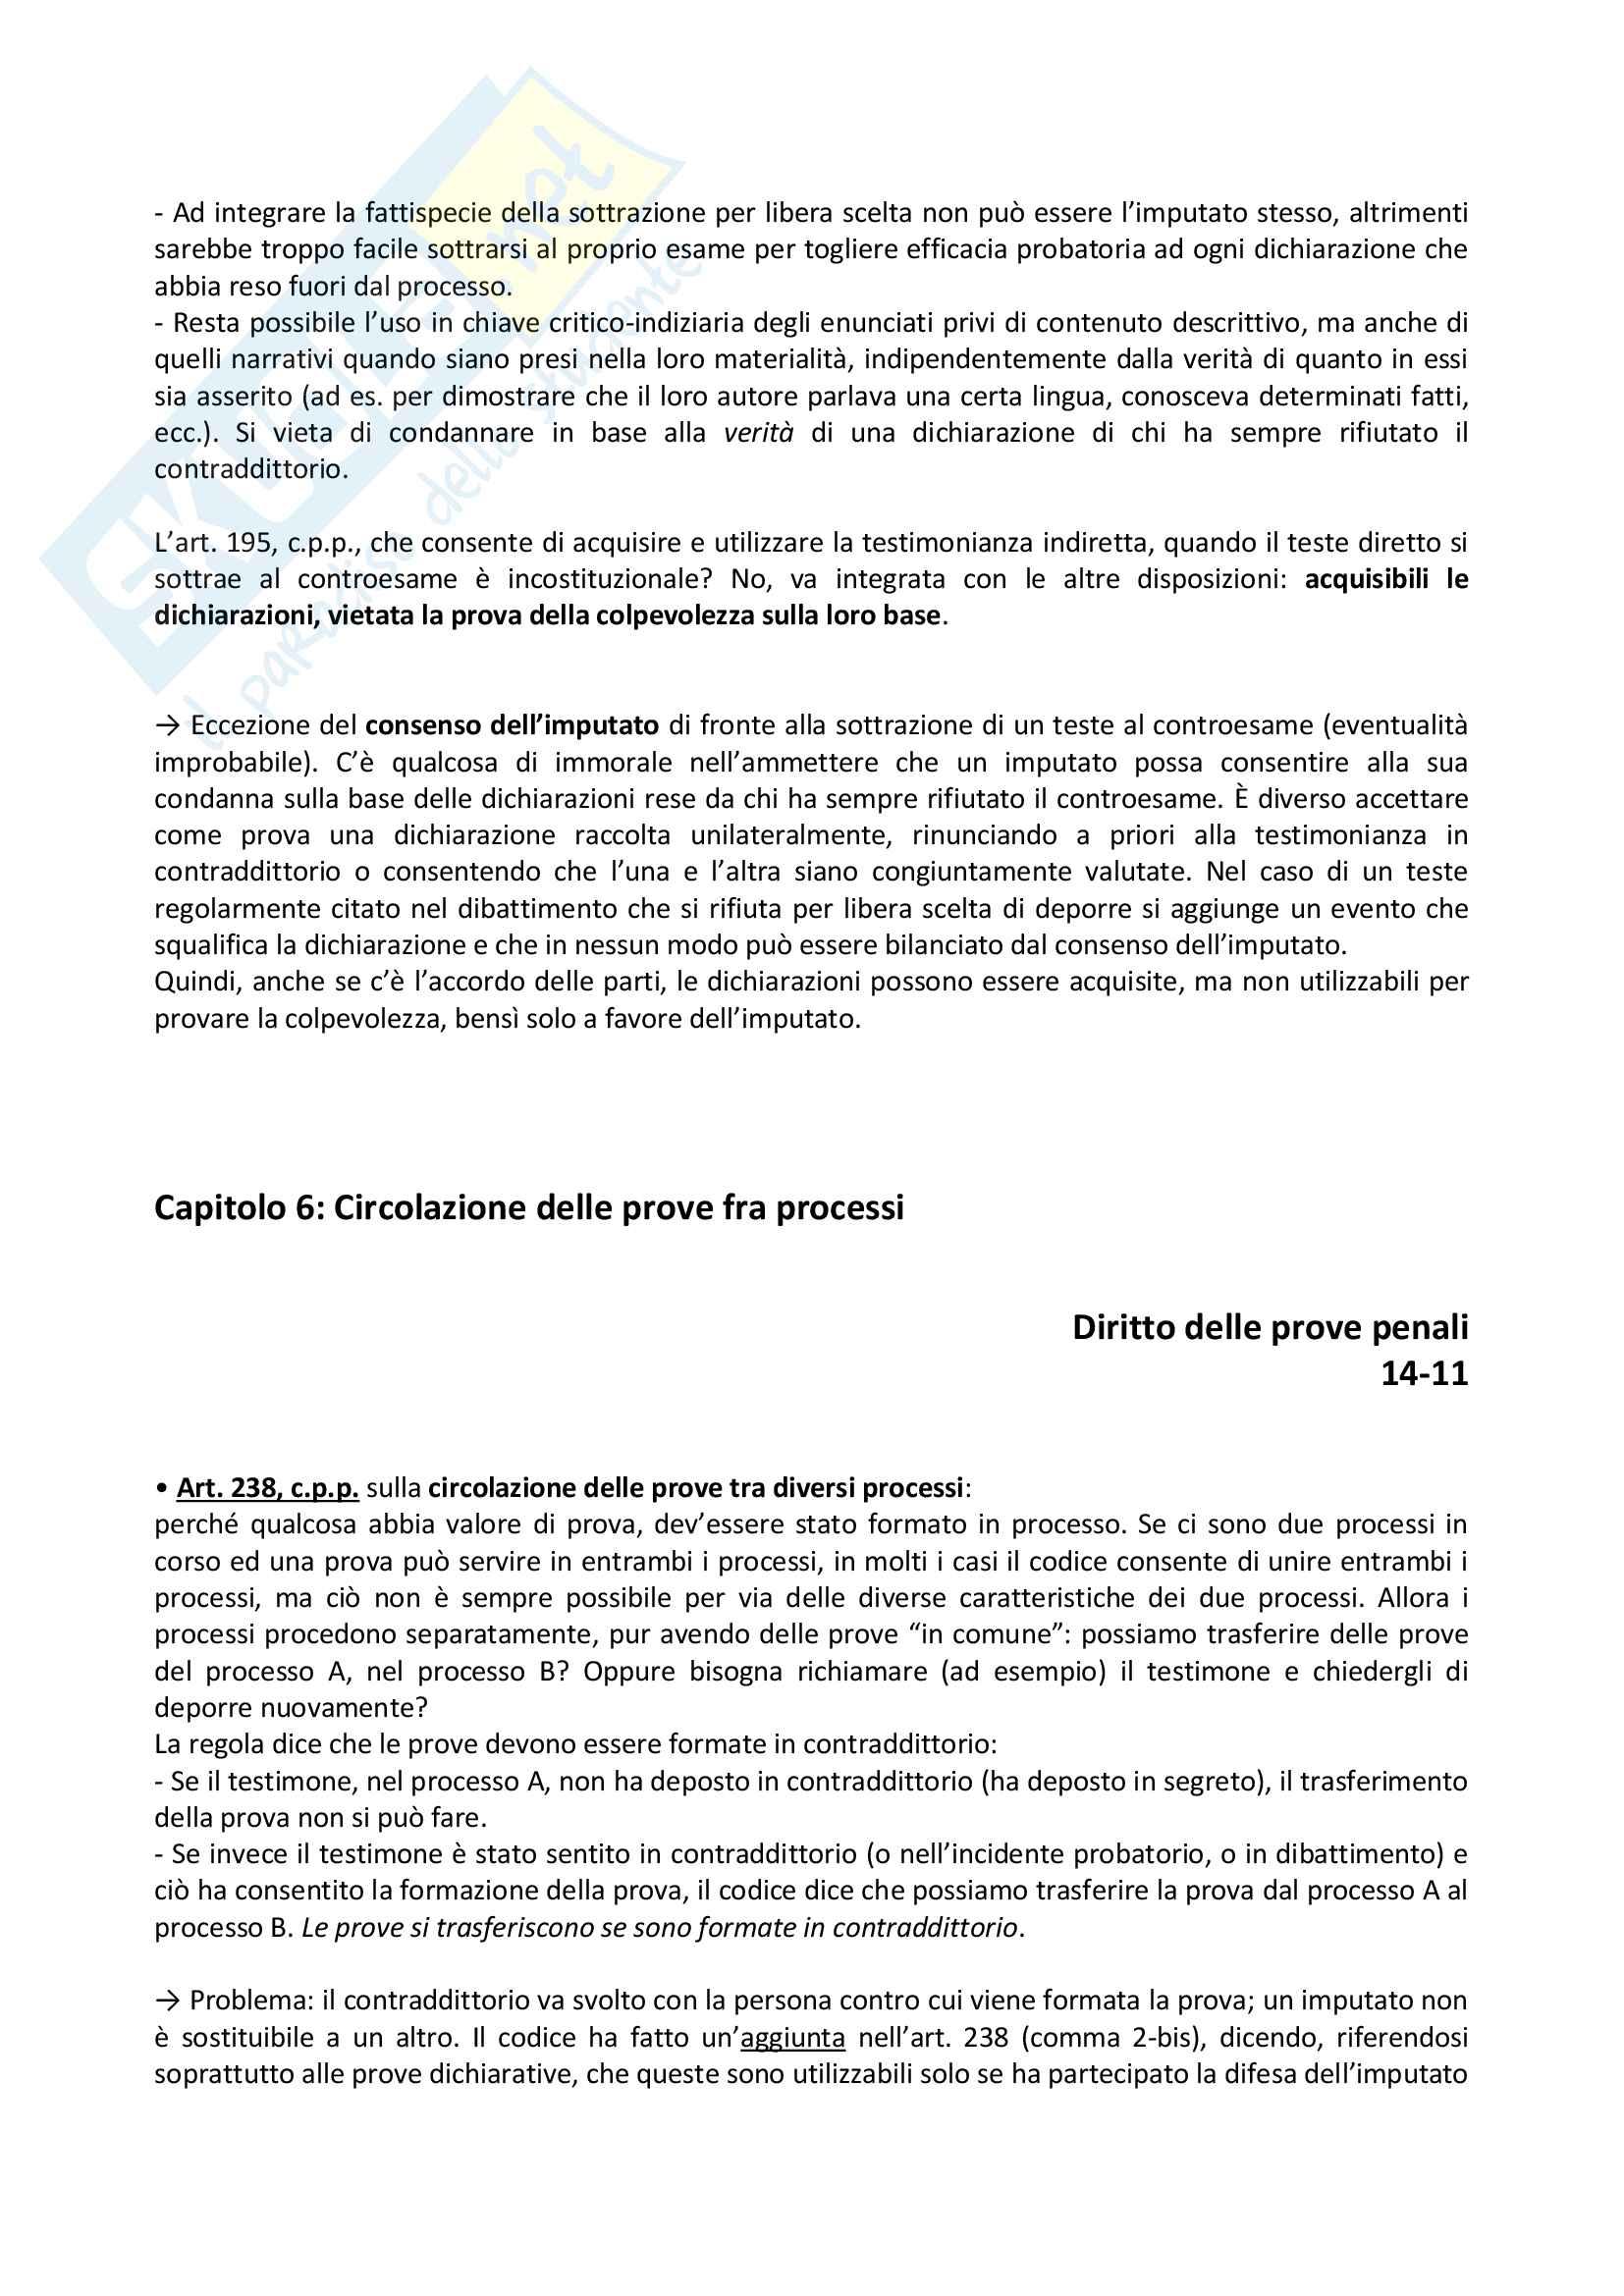 Riassunto esame diritto delle prove penali, prof. Ferrua Pag. 36